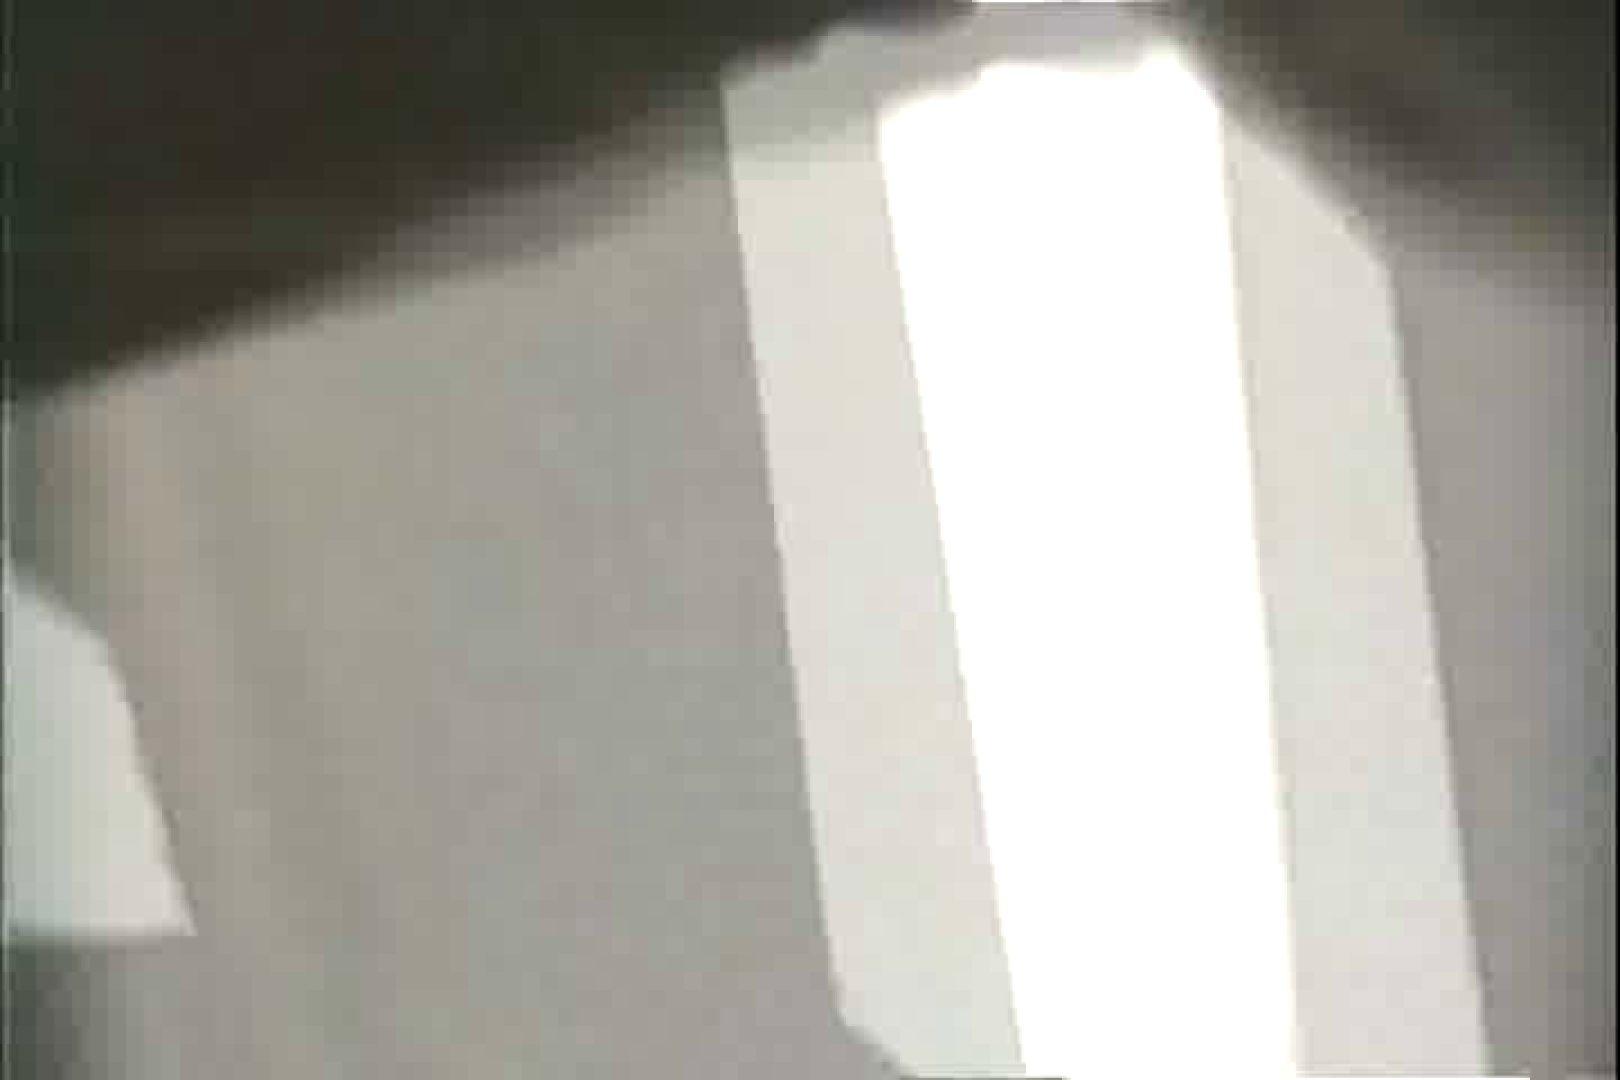 「ちくりん」さんのオリジナル未編集パンチラVol.3_02 盗撮 AV無料 46pic 3